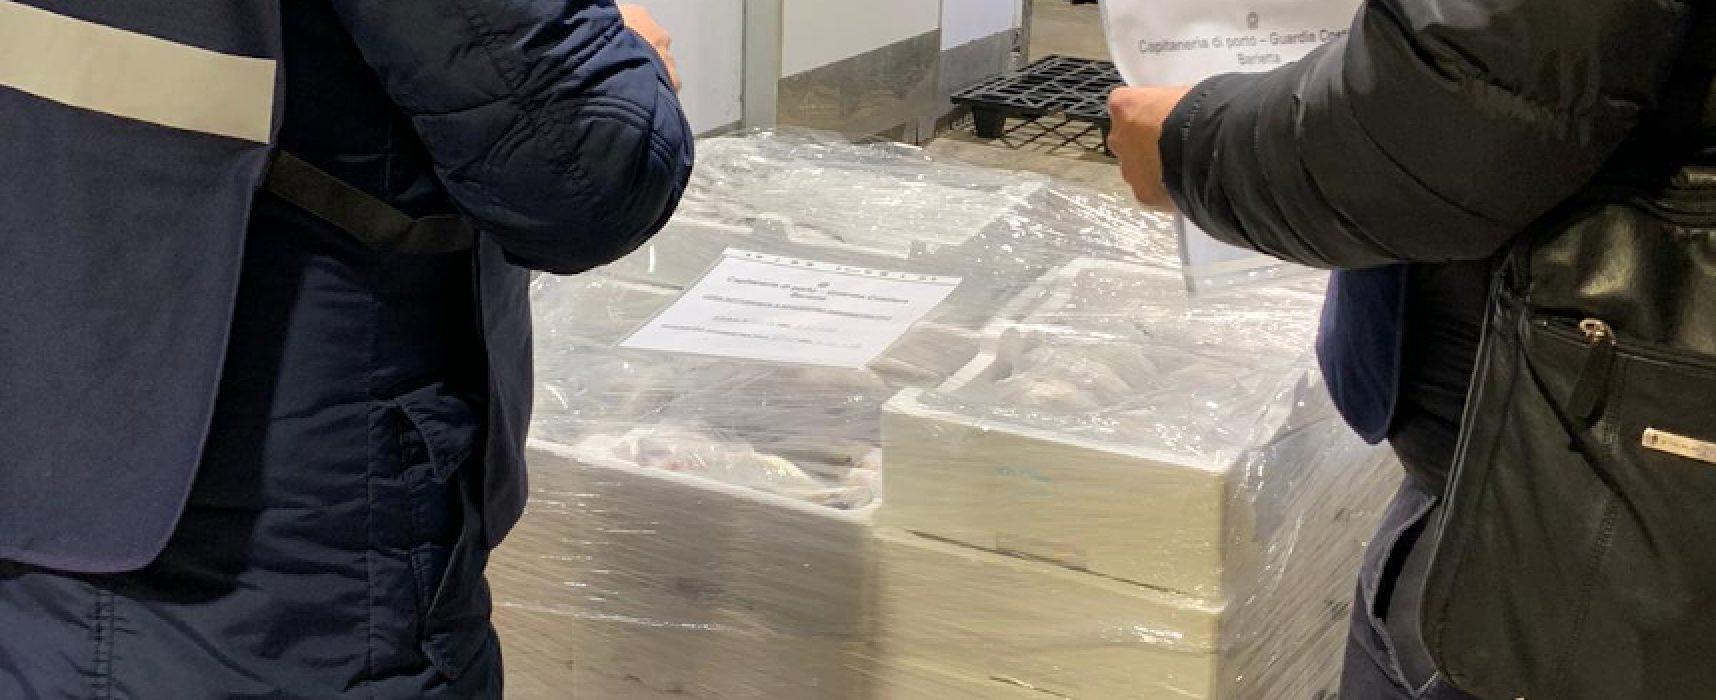 """Operazione """"Mercato globale"""", sequestrata una tonnellata di prodotto ittico"""